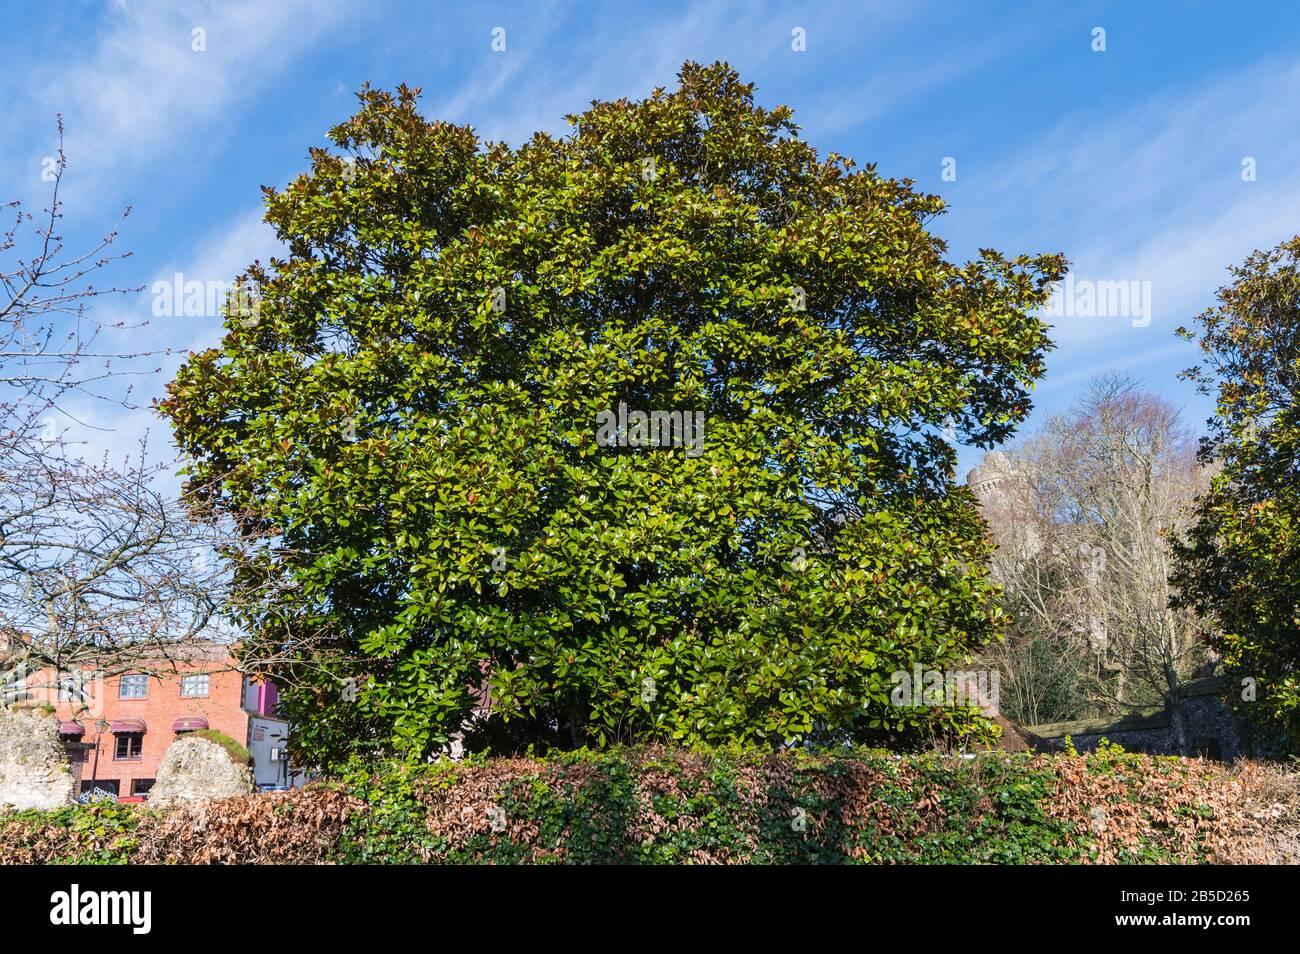 Magnolia grandiflora (árbol del sur de Magnolia o árbol de la bahía de Bull) árbol perenne que crece a principios de primavera en West Sussex, Inglaterra, Reino Unido. Foto de stock